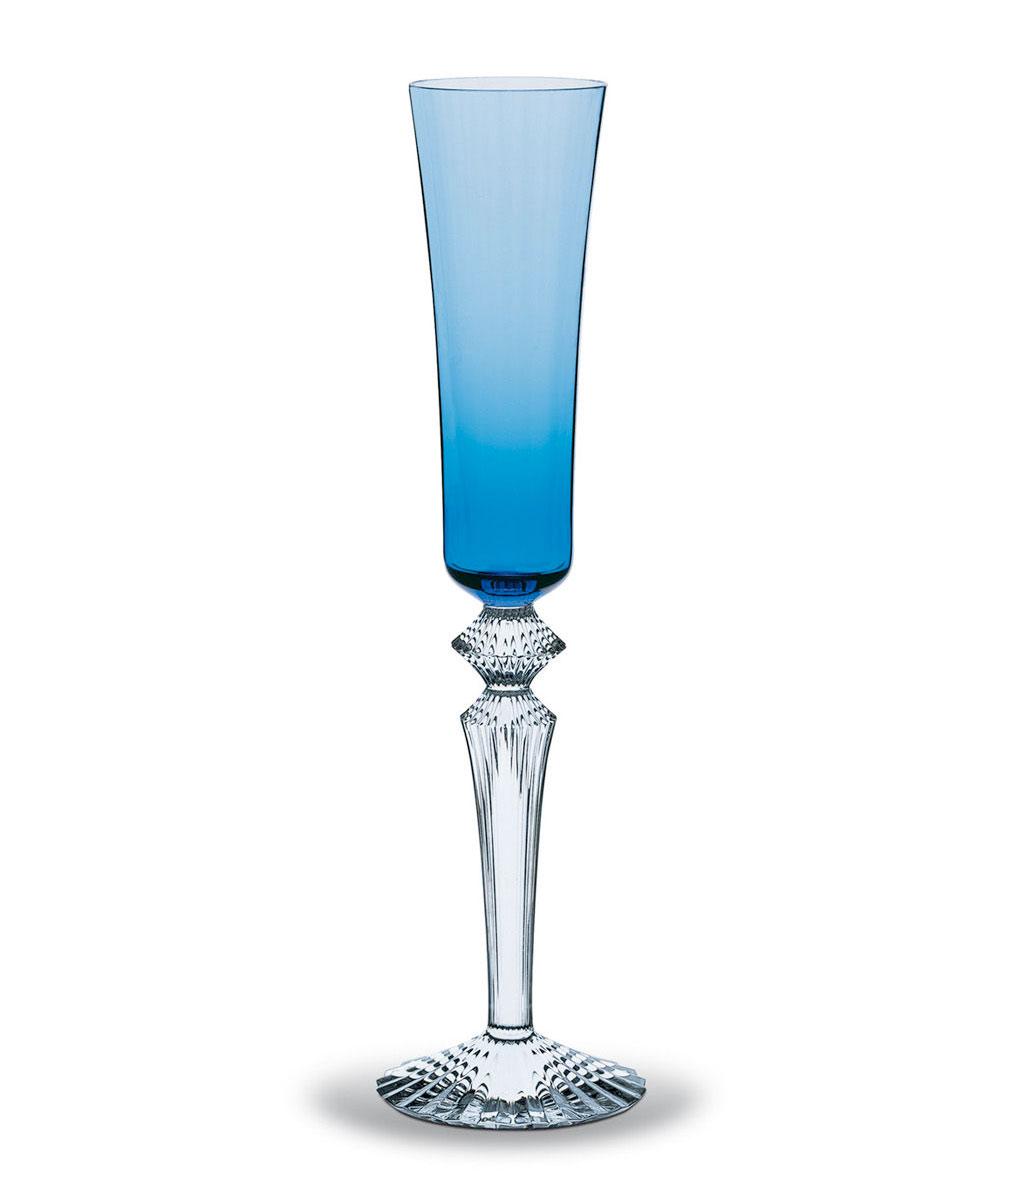 バカラ シャンパングラス ミルニュイ フルーティッシモ ブルー ( Baccarat Mille Nuits Flutissimo Crystal Champagne Flute Blue )